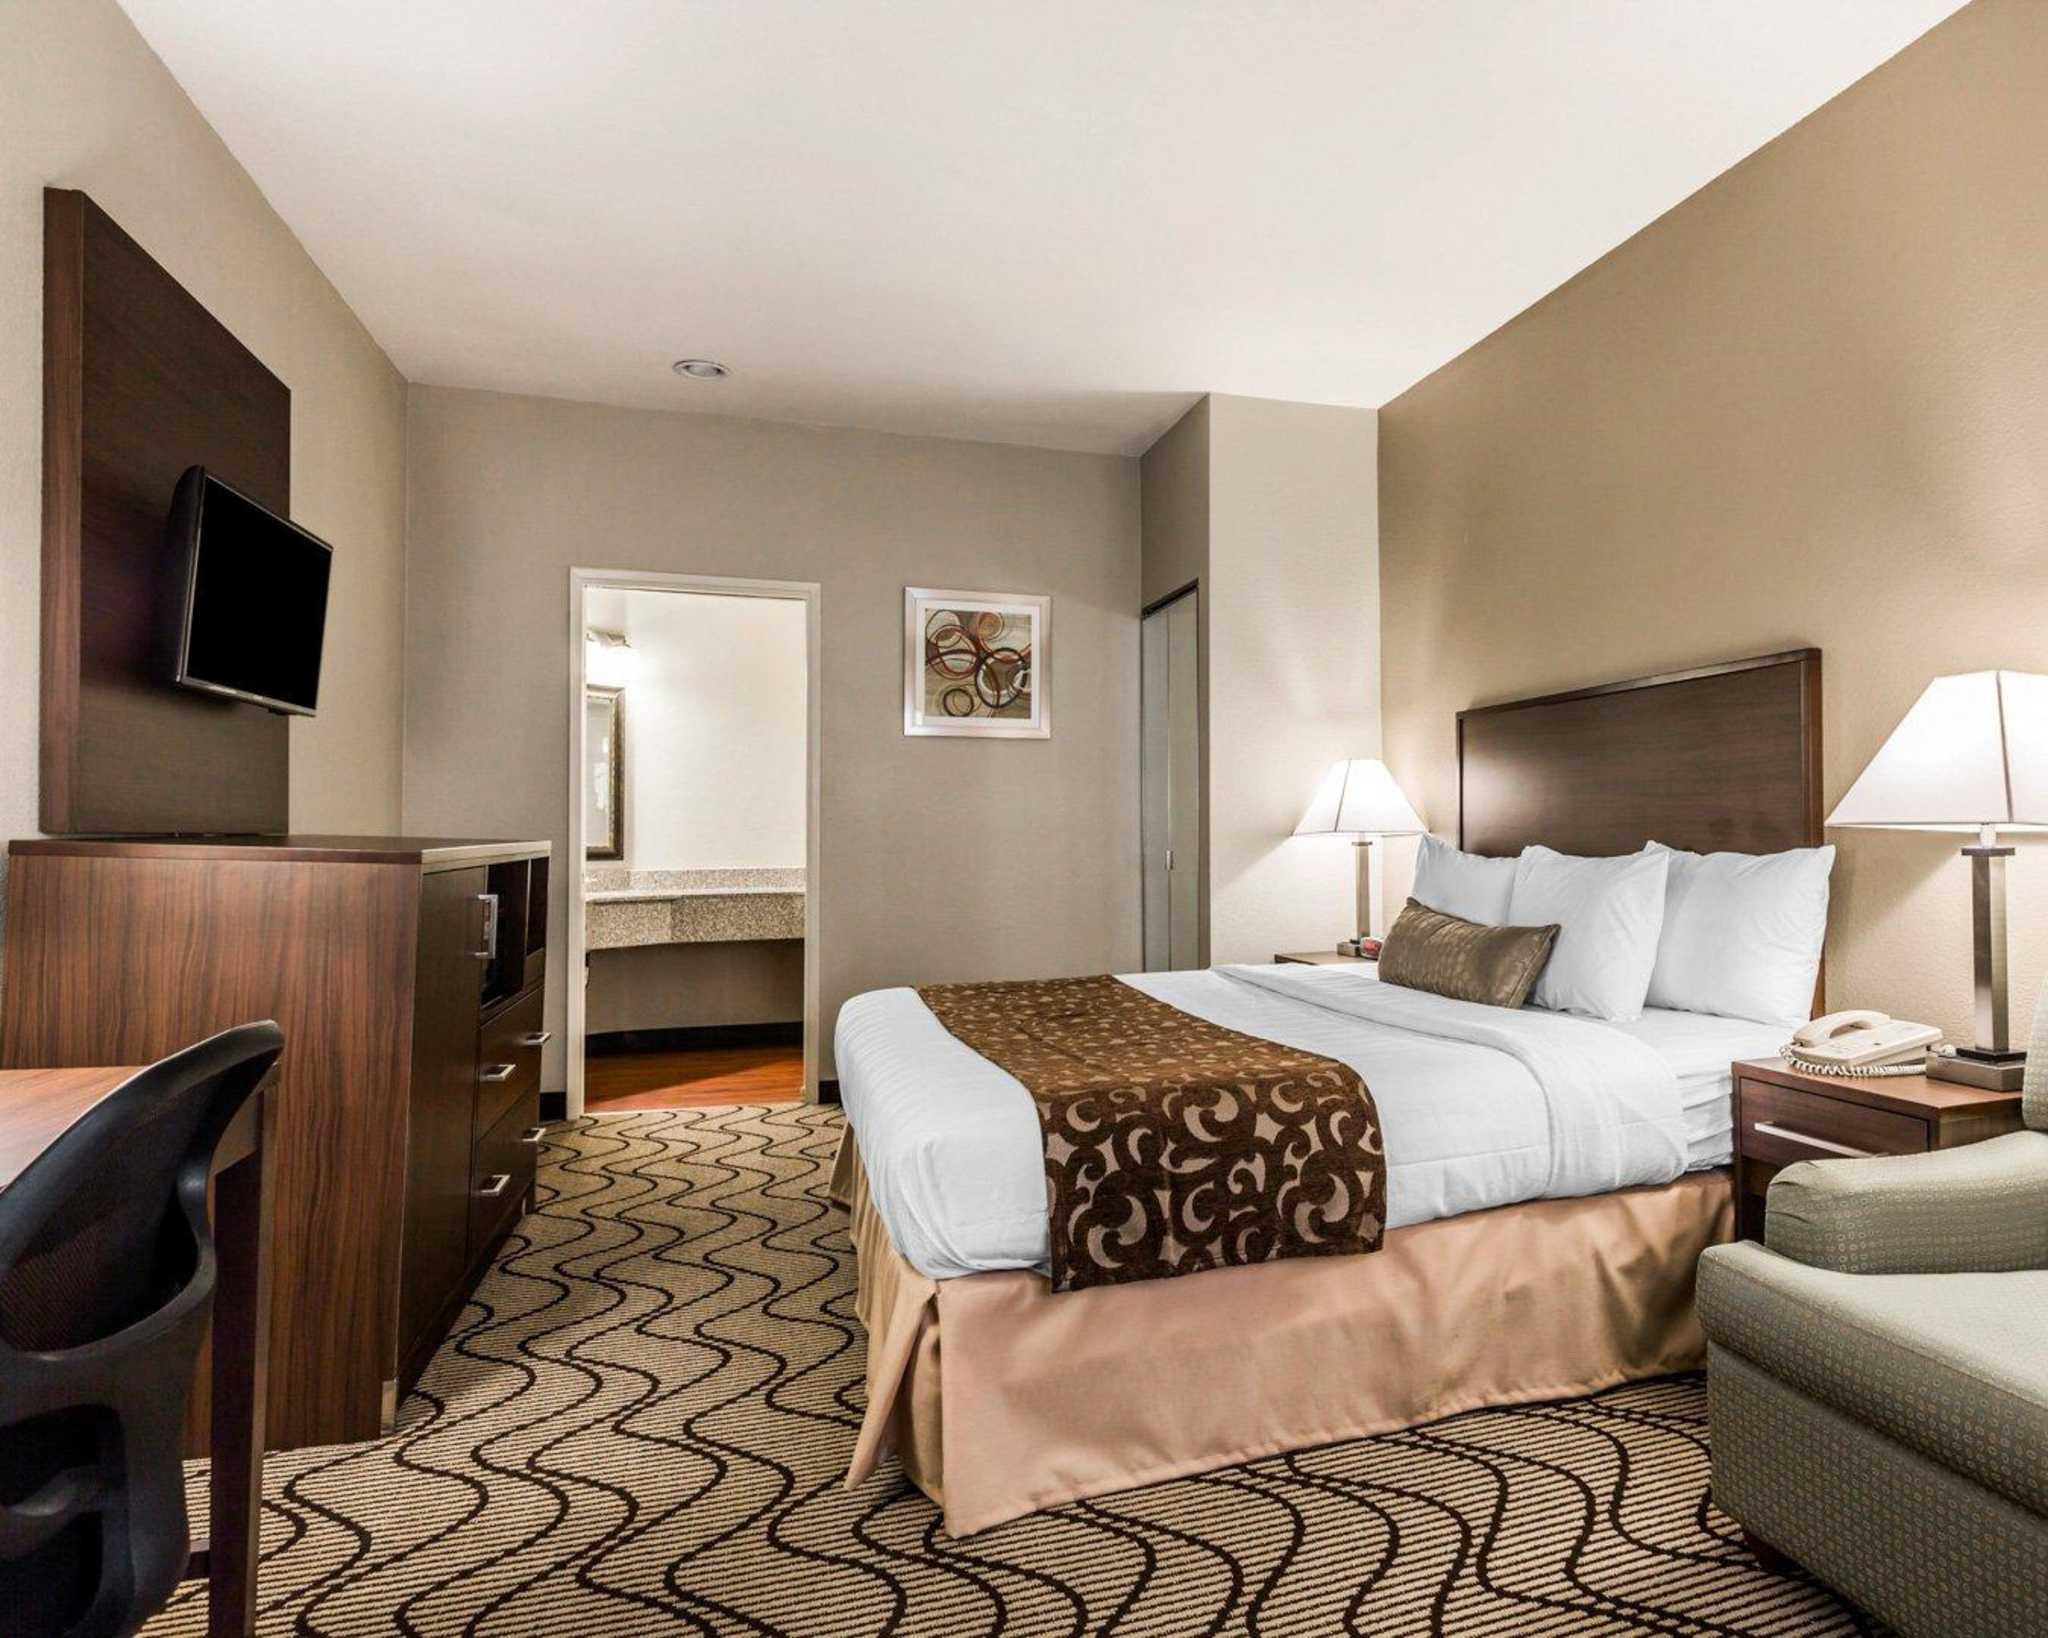 Comfort Inn & Suites Orange County John Wayne Airport image 13